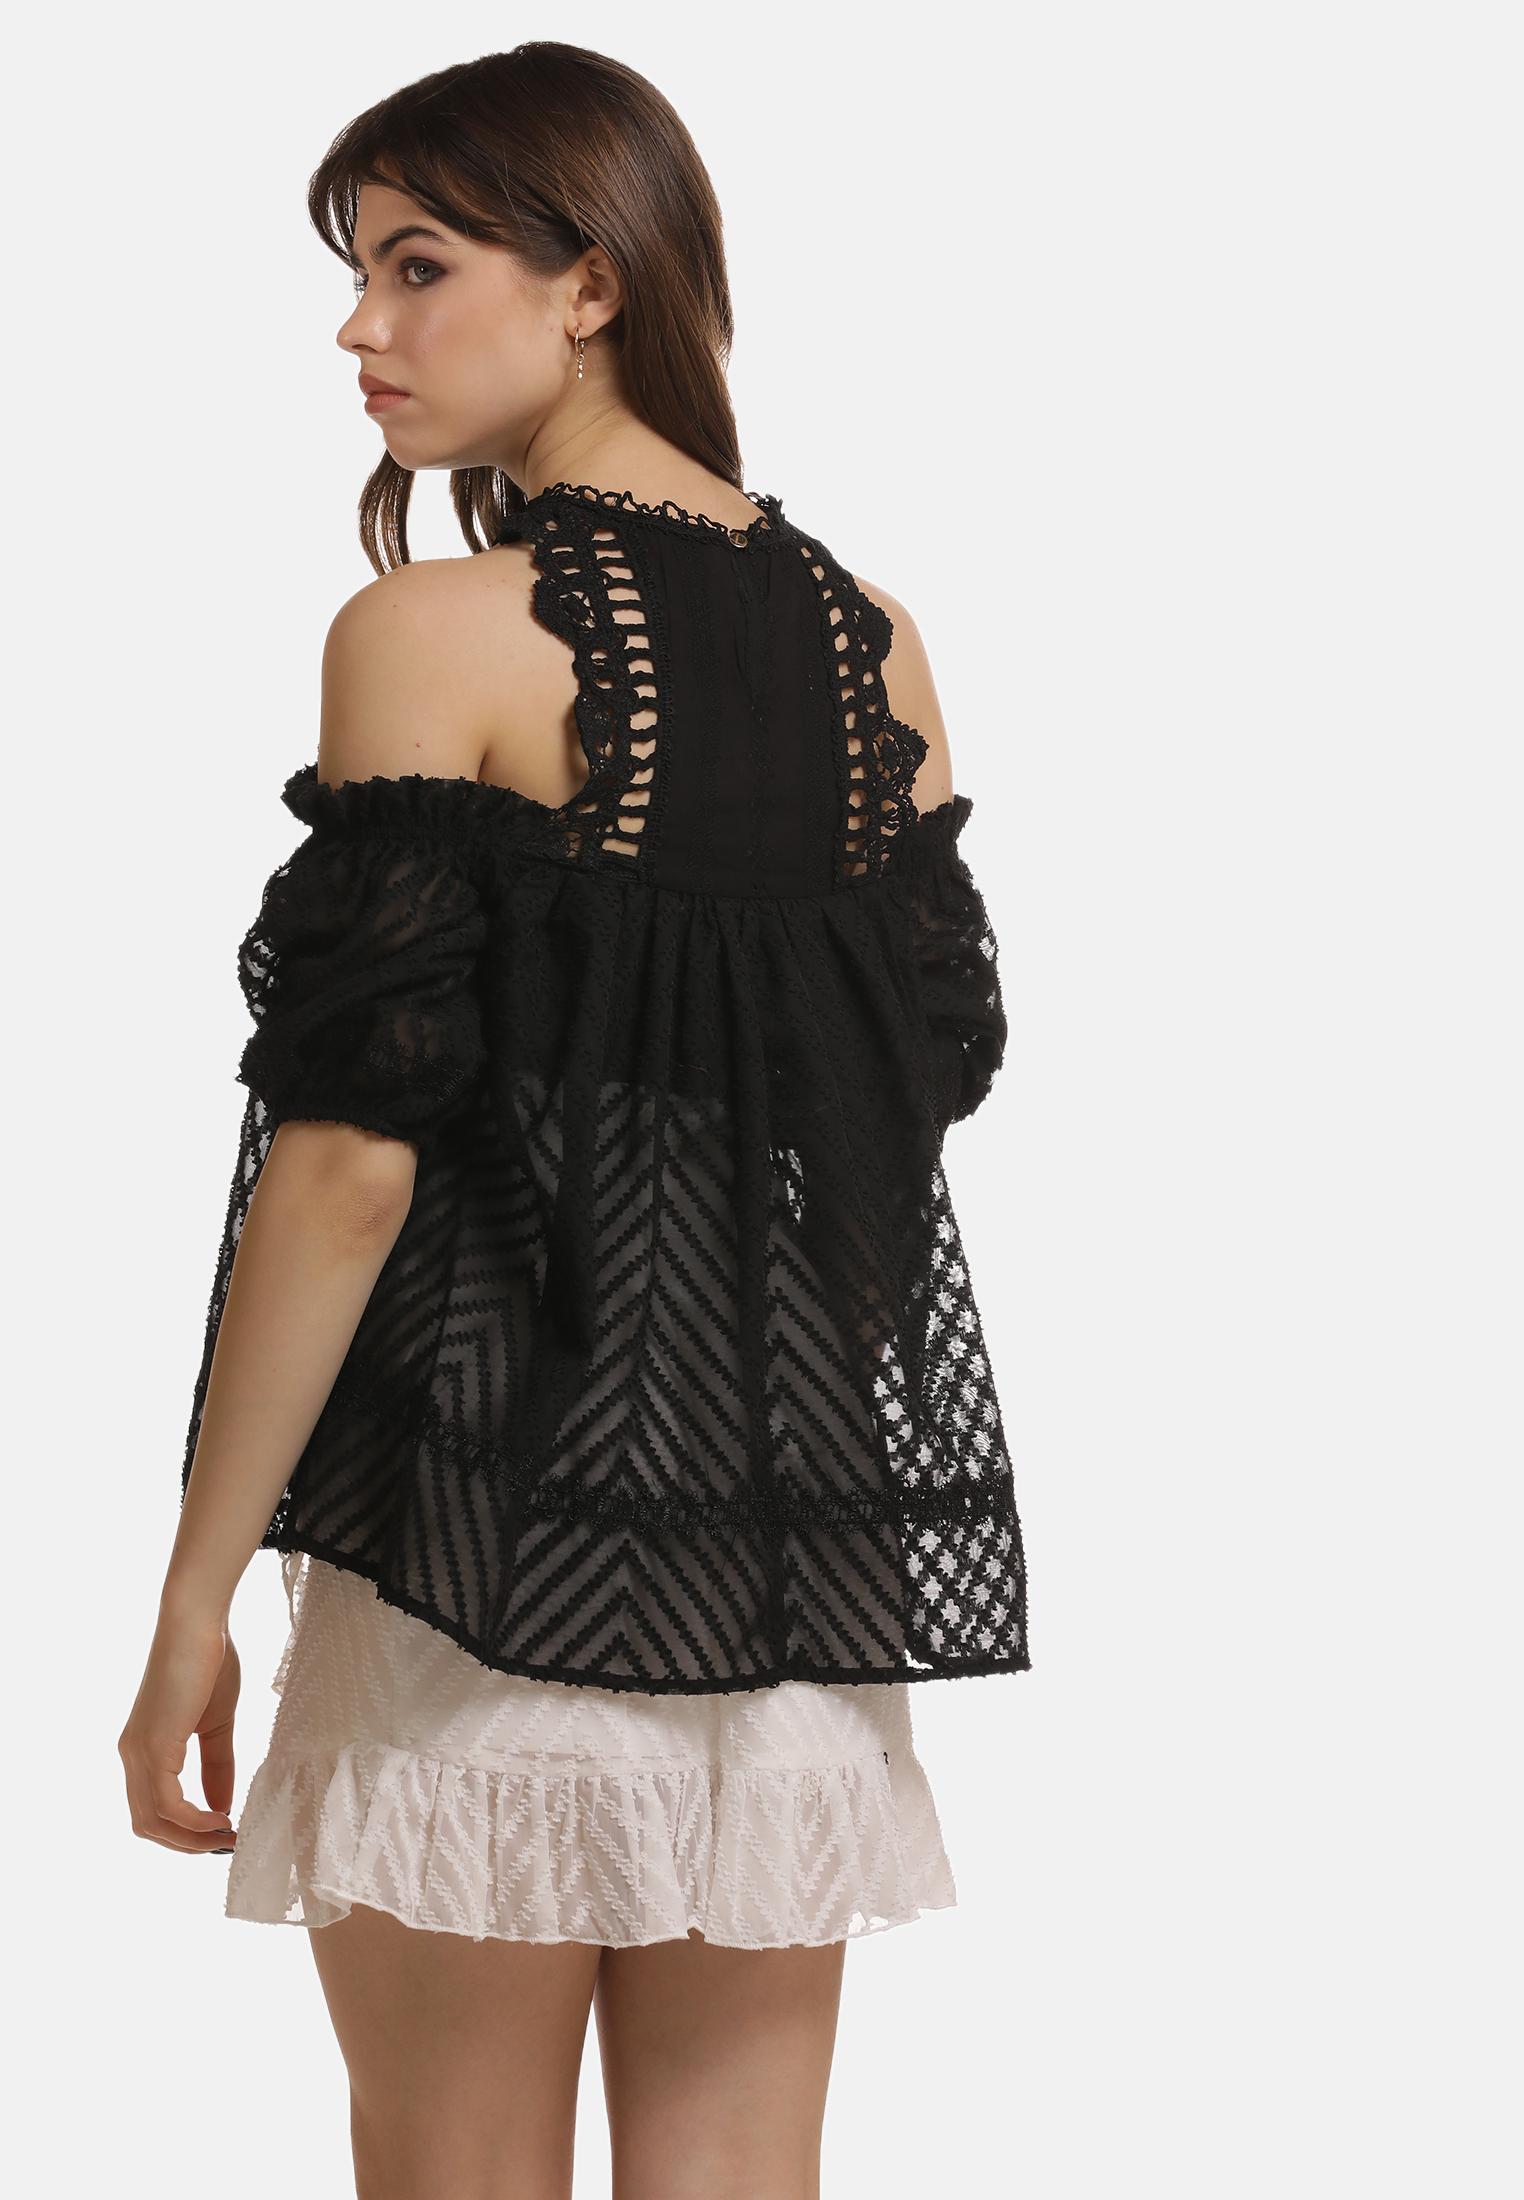 MyMo ROCKS Bluse in schwarz günstig kaufen